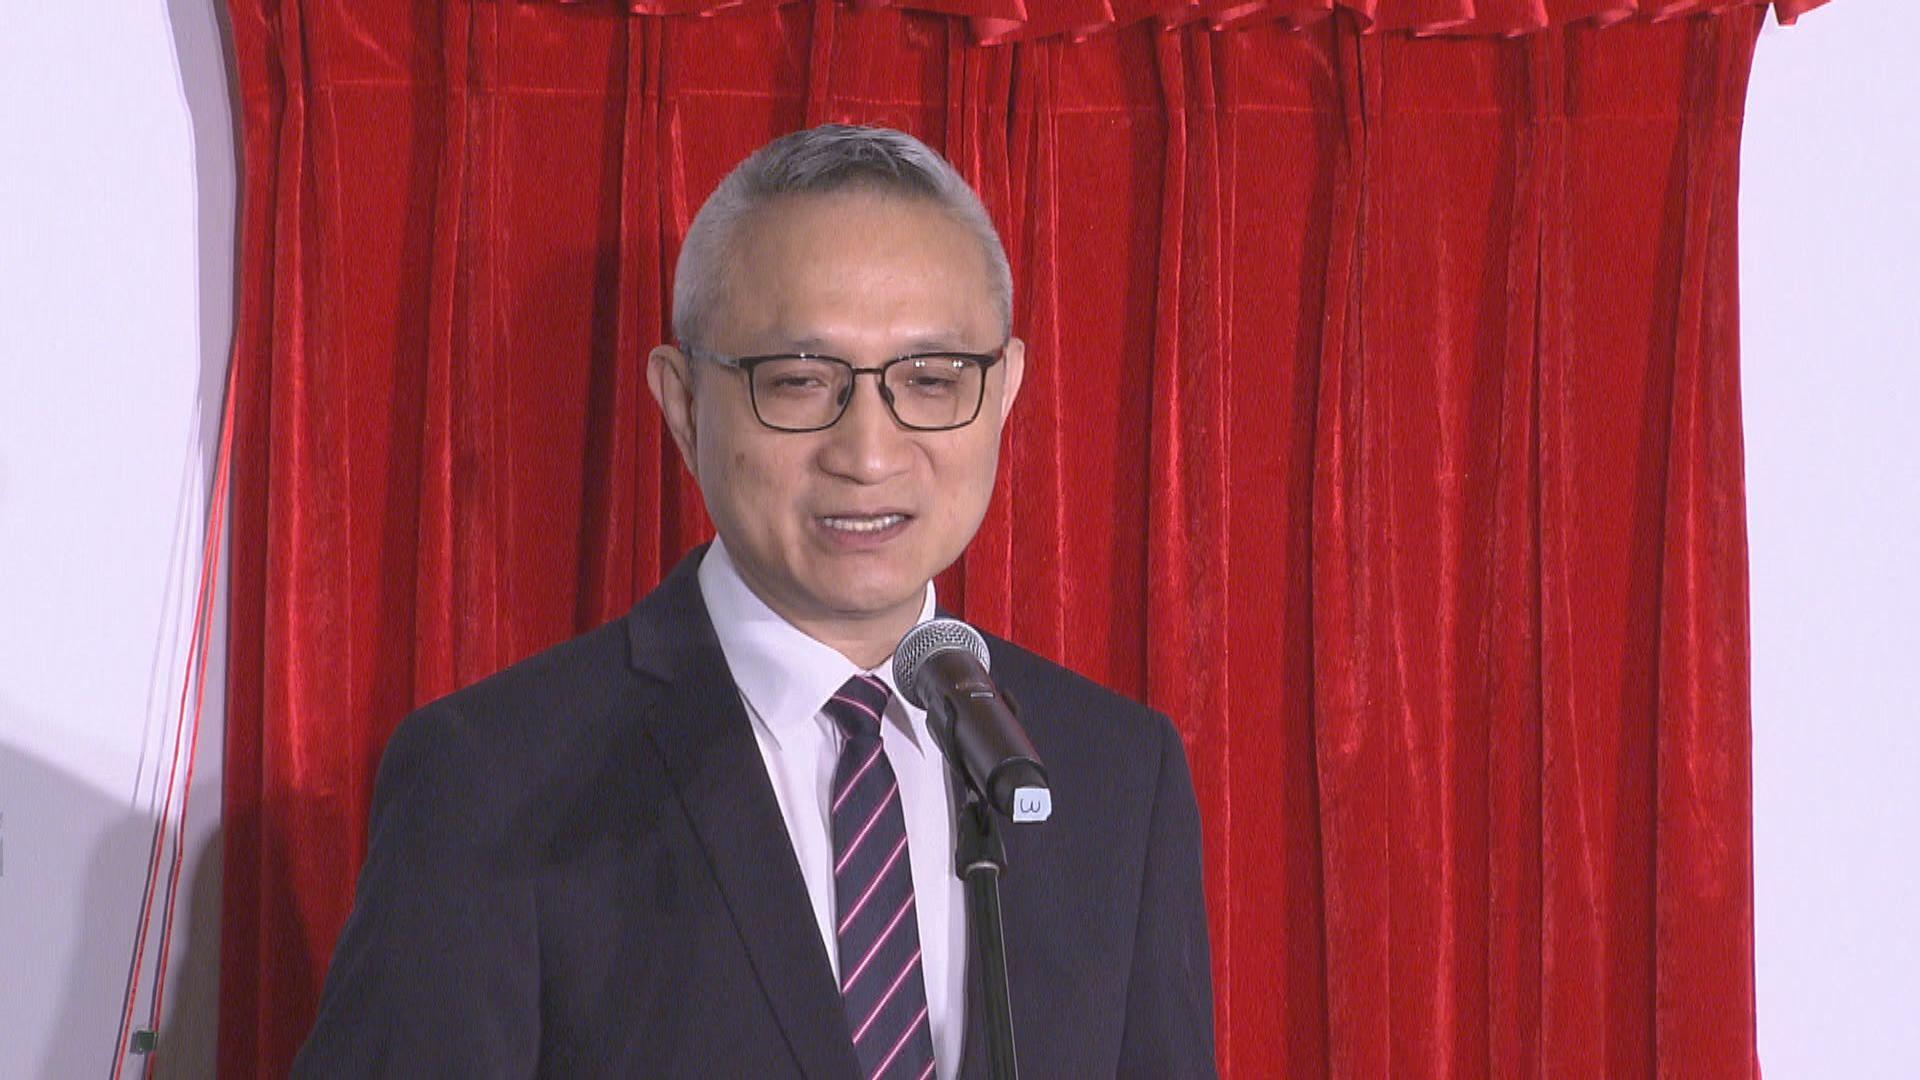 食衞局副局長徐德義周一赴武漢了解新型肺炎情況